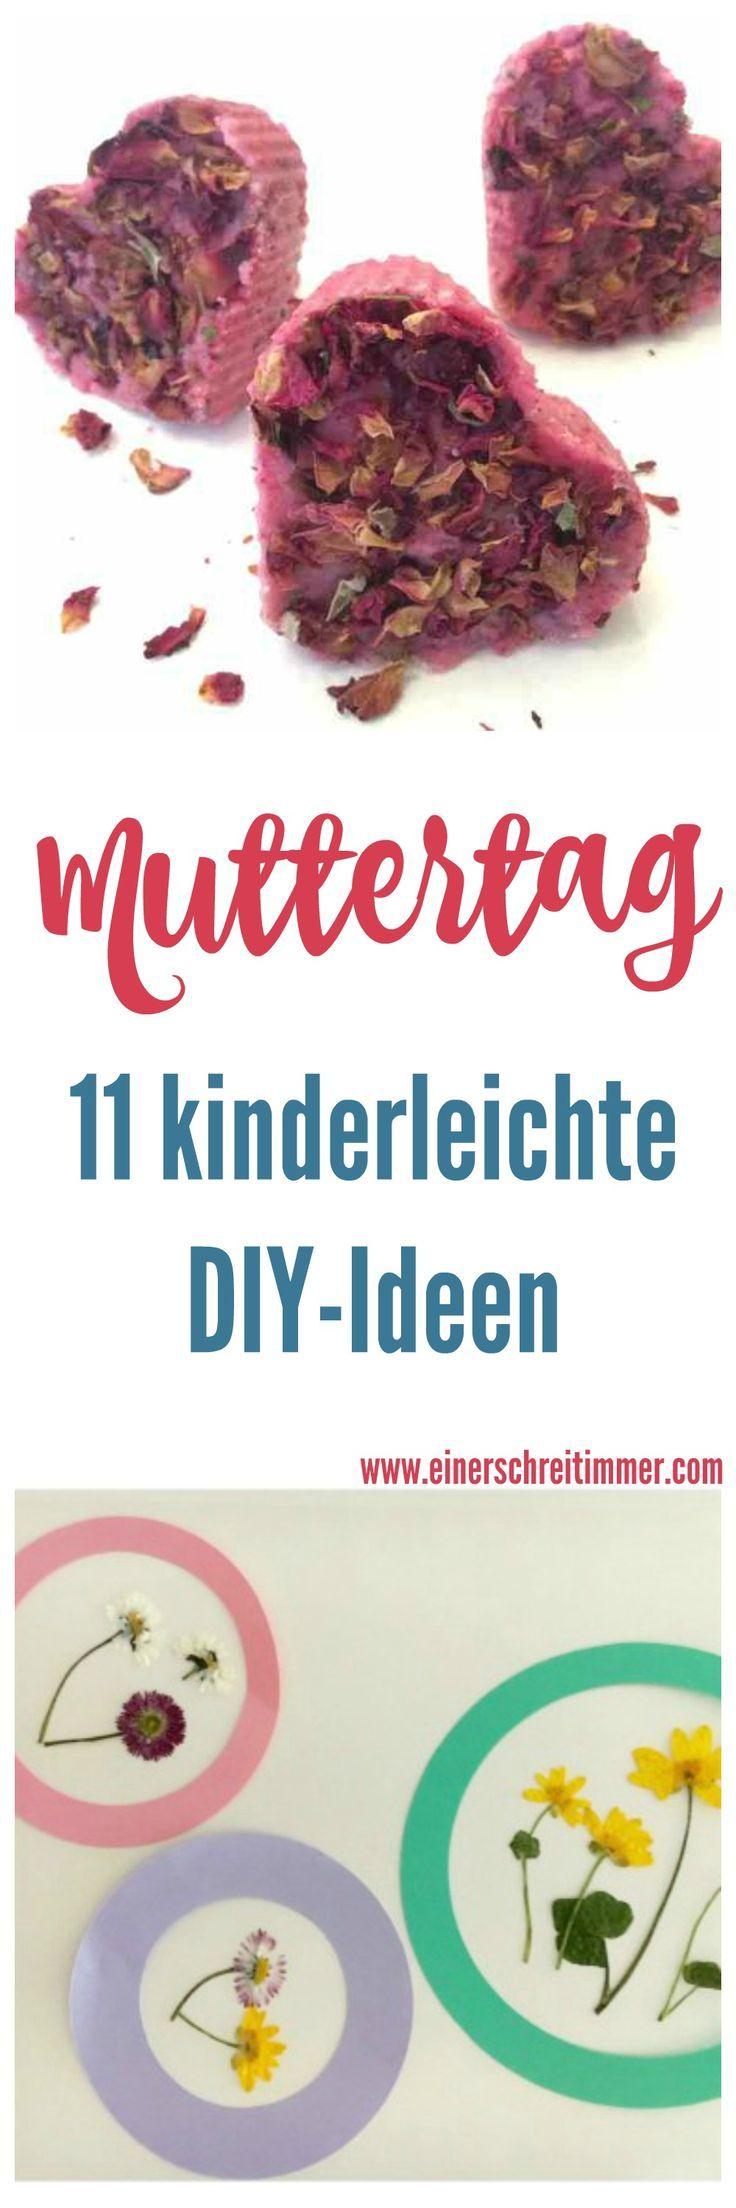 Die top 11 diy ideen f r den valentins und muttertag alla hj rtans dag inspiration - Muttertag ideen ...